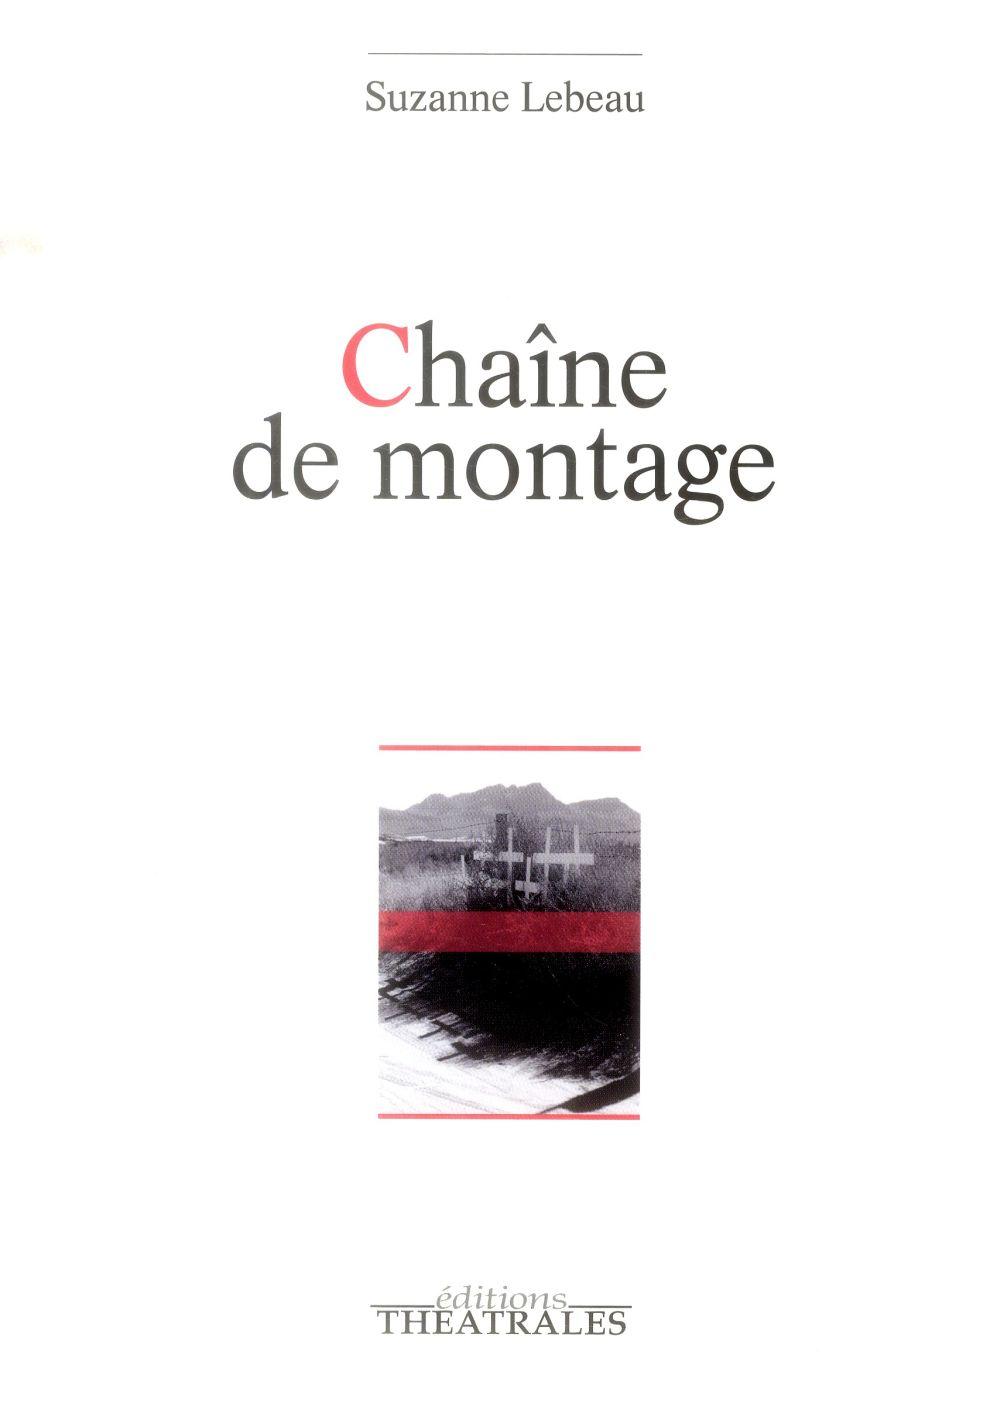 CHAINE DE MONTAGE